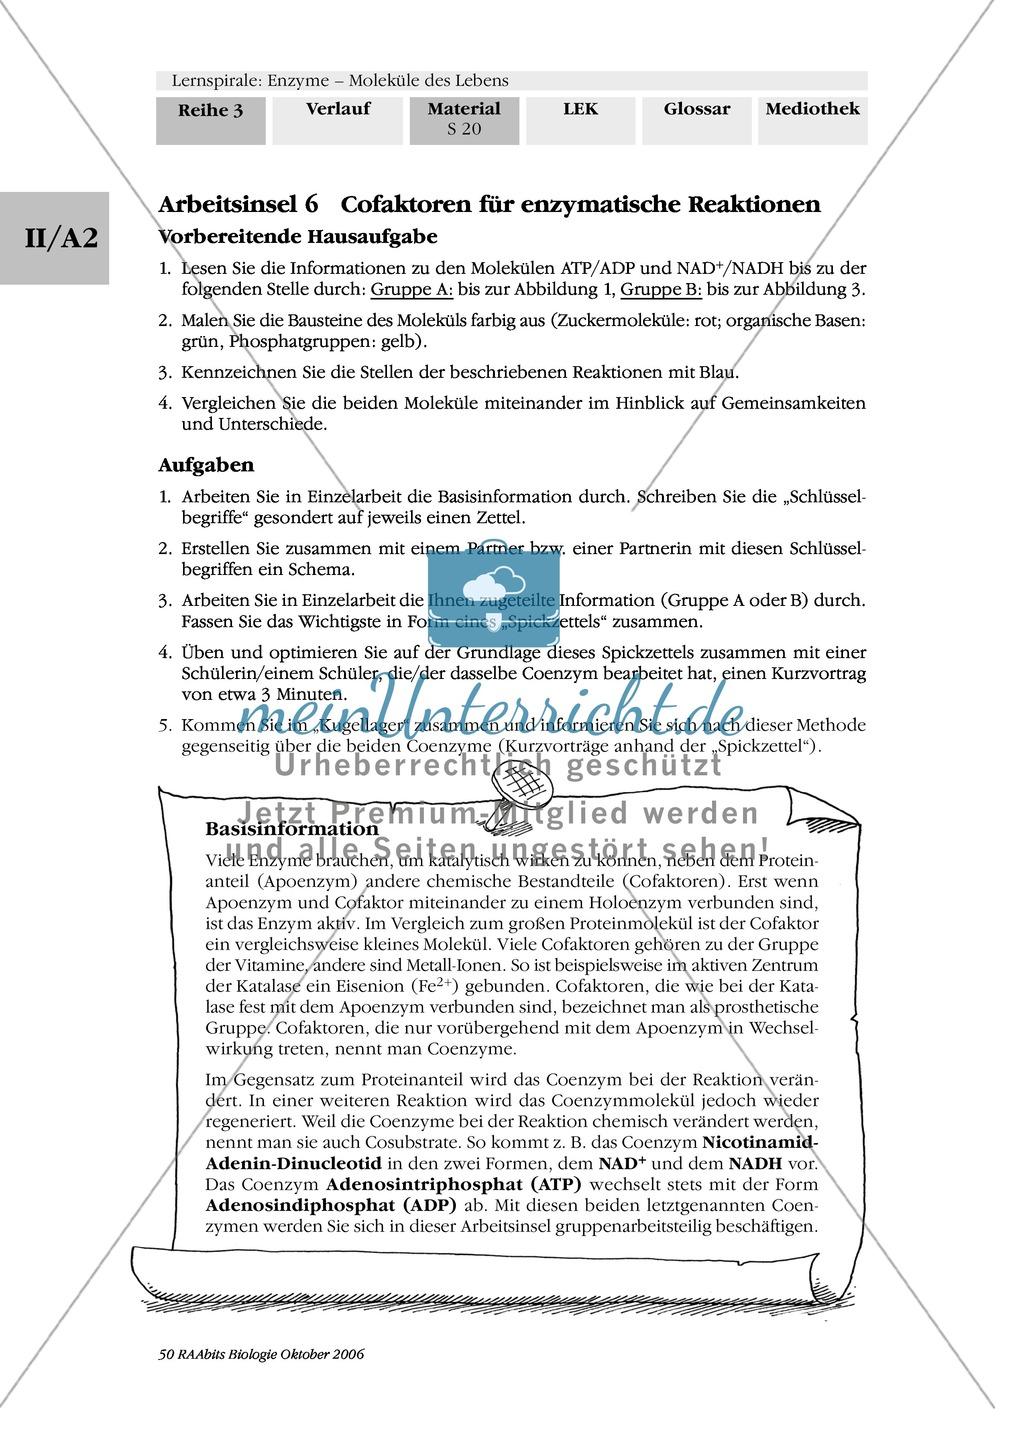 Enzyme: Arbeitsinseln zu den Themen Stoffwechsel, Enzymreaktionen, Hemmstoffe, Cofaktoren, Regulation Preview 13